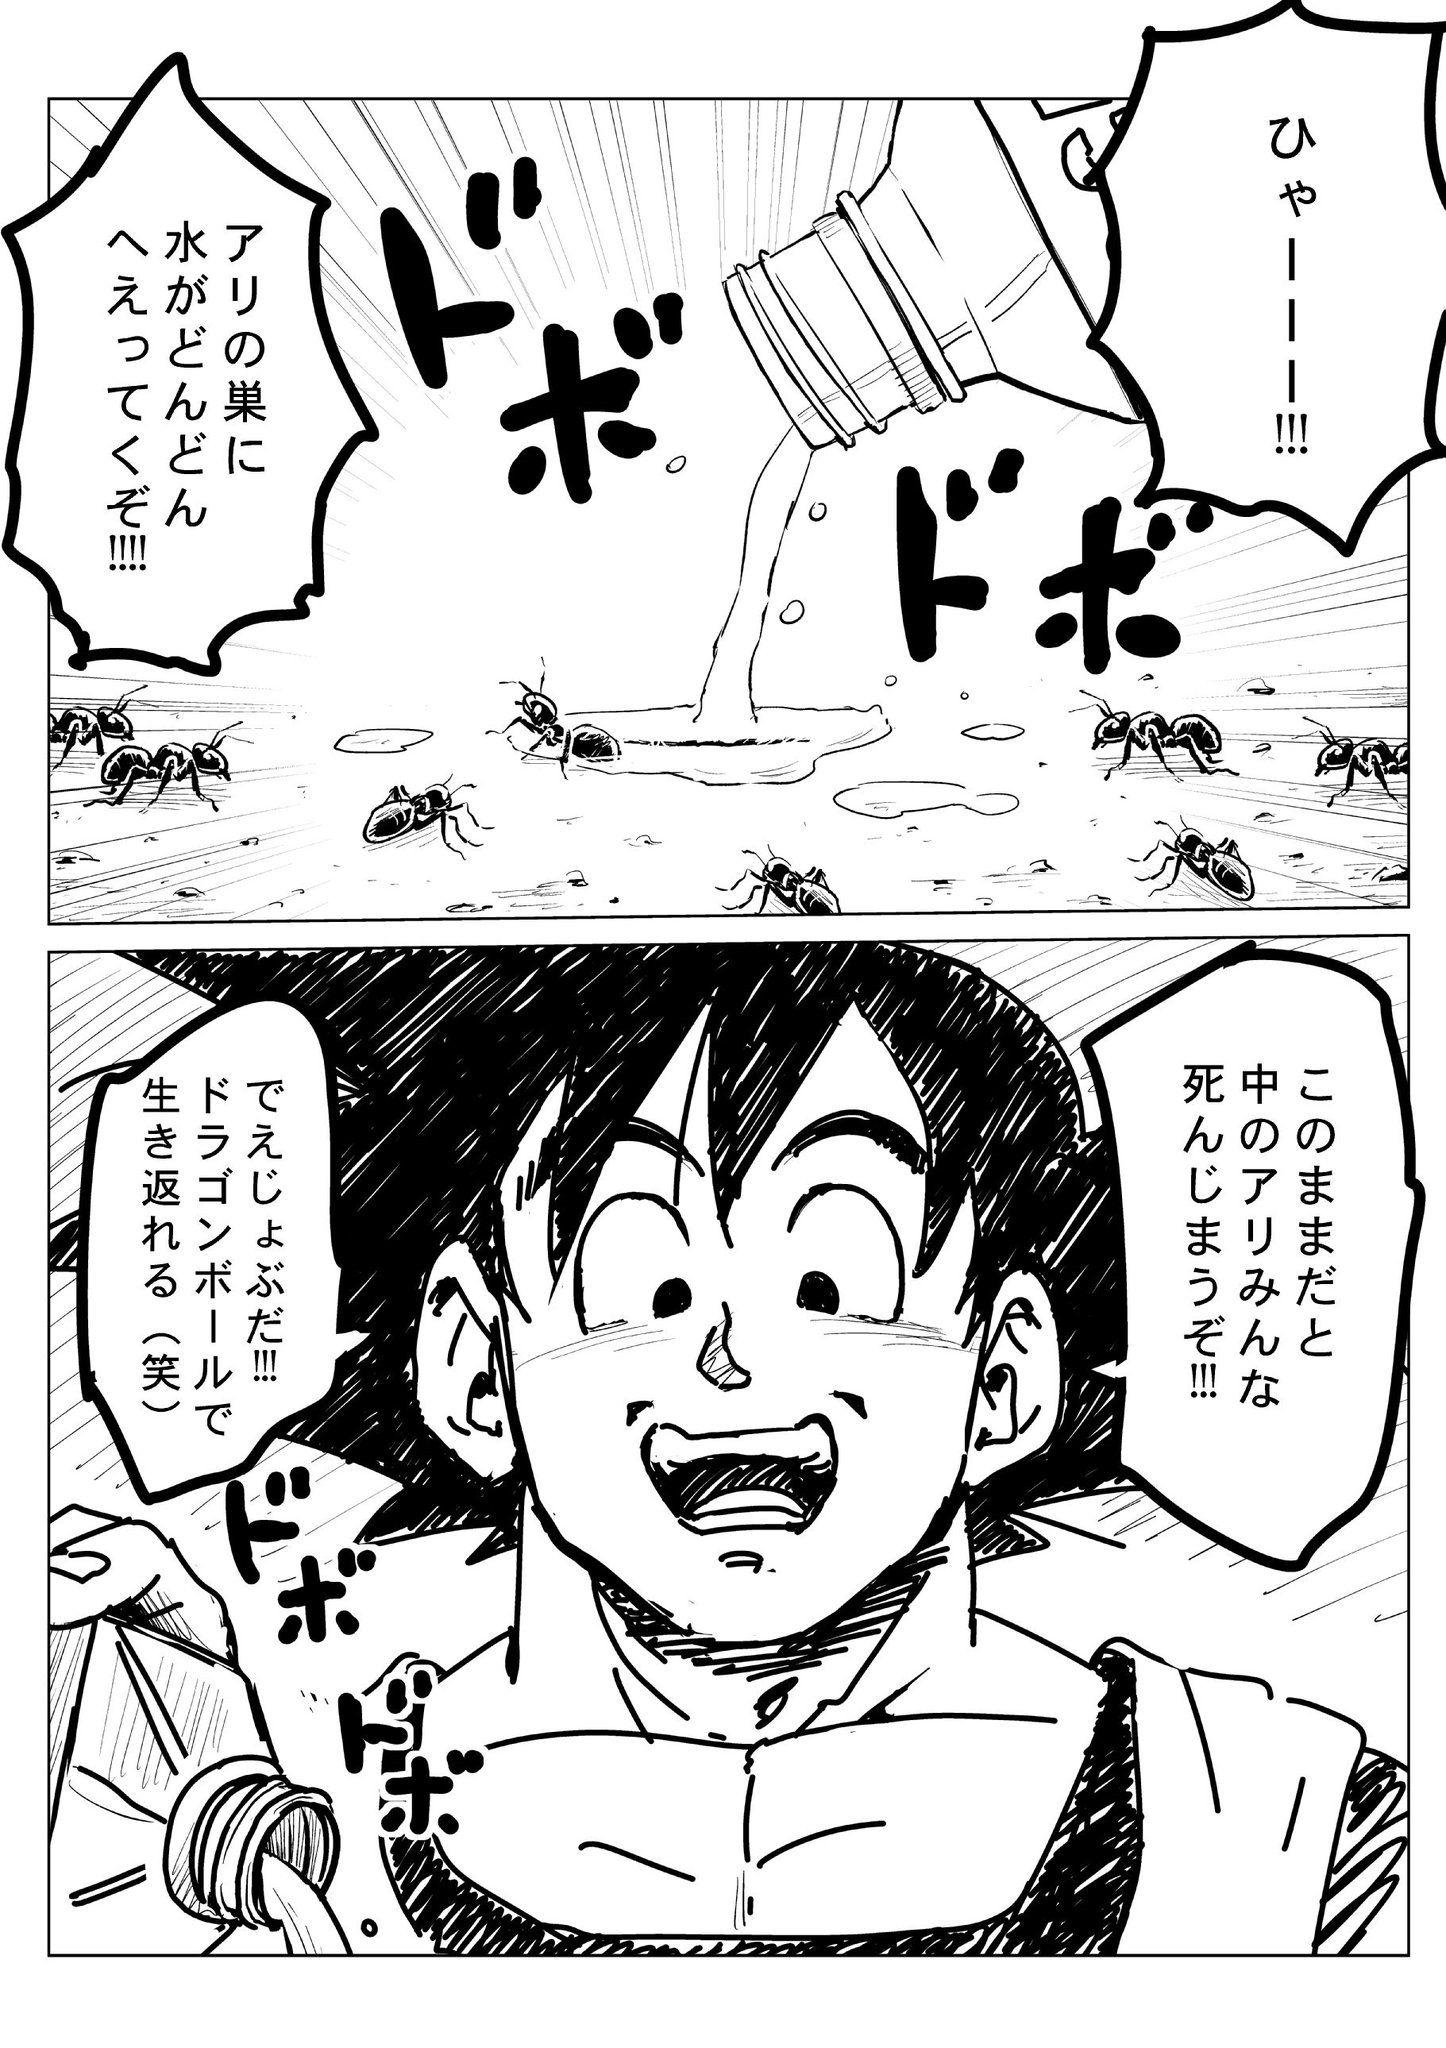 インカ帝国 on twitter in 2021 manga anime undertale